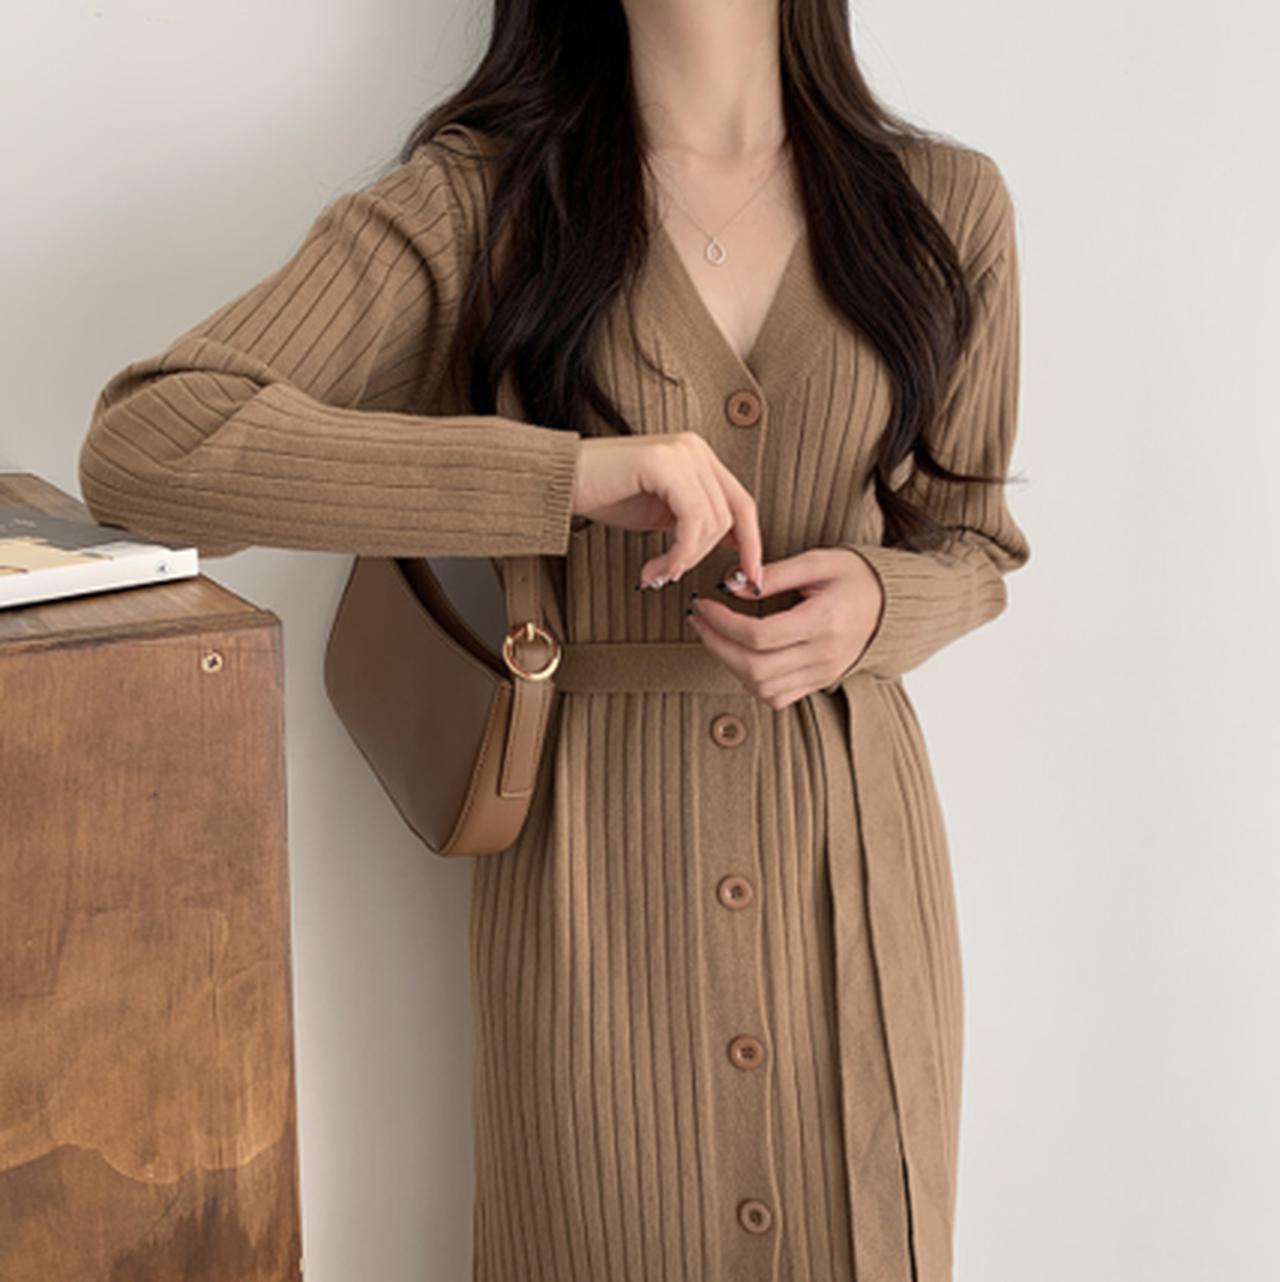 画像3: 韓国のロードサイドショップのファッションが手に入る!Qoo10に「BRICH」公式がオープン!